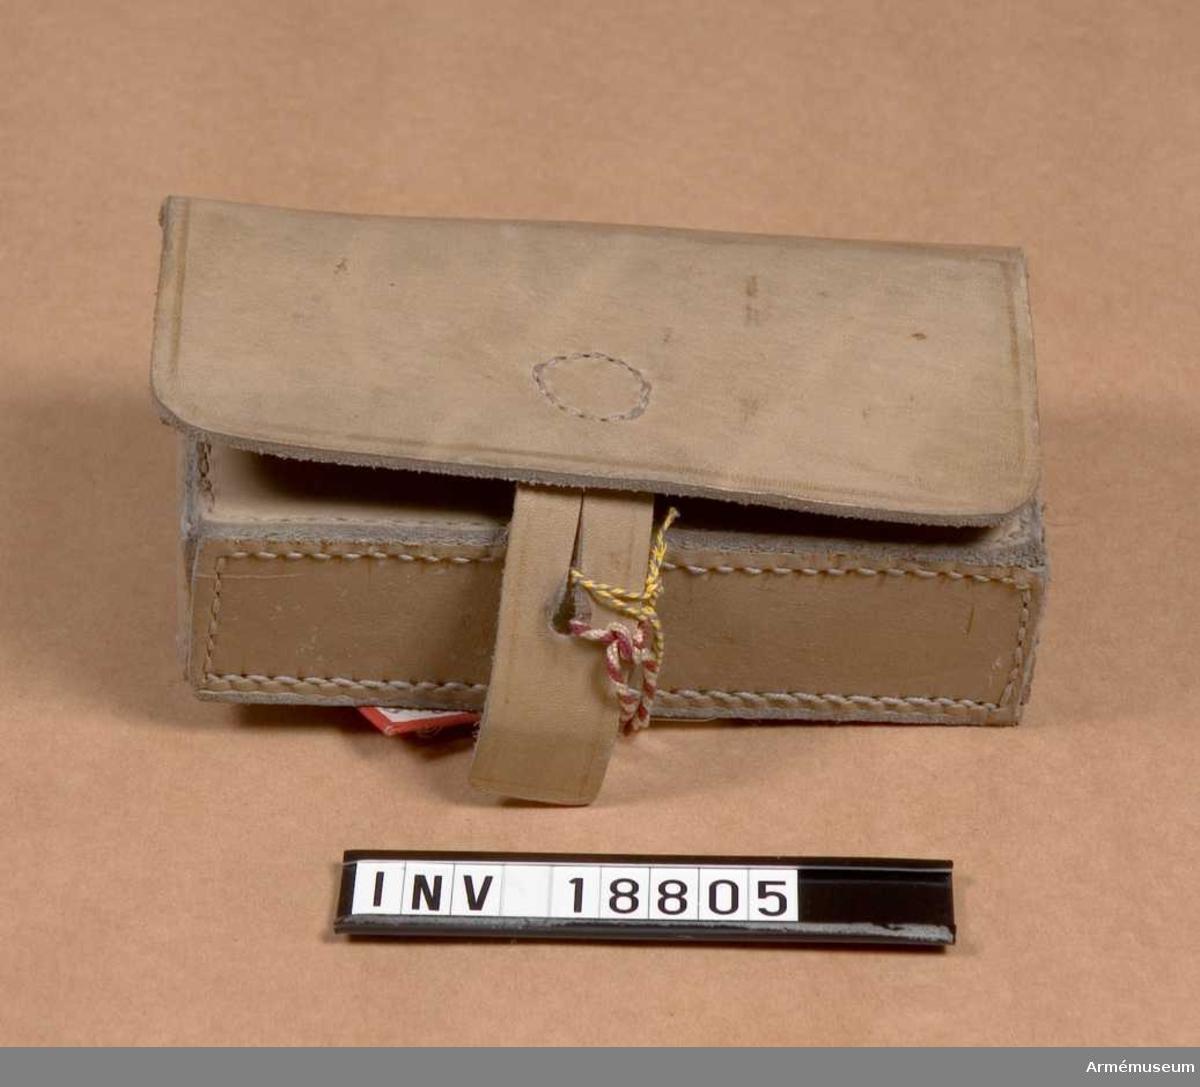 """Av kakifärgat läder. Väskan består av: lock som stänges med en rem med knapphål. Väska: på utsidans nedre del för knäppning; på väskans baksida är en ögla i form av en krok av plåtjärn för livrem. I väskan finns låda av plåtjärn med 1 mellanvägg i varje två avdelningar för 20 patroner. Pappersetikett med text """"Patronväska m/1891 för specialtrupper. Italien"""""""